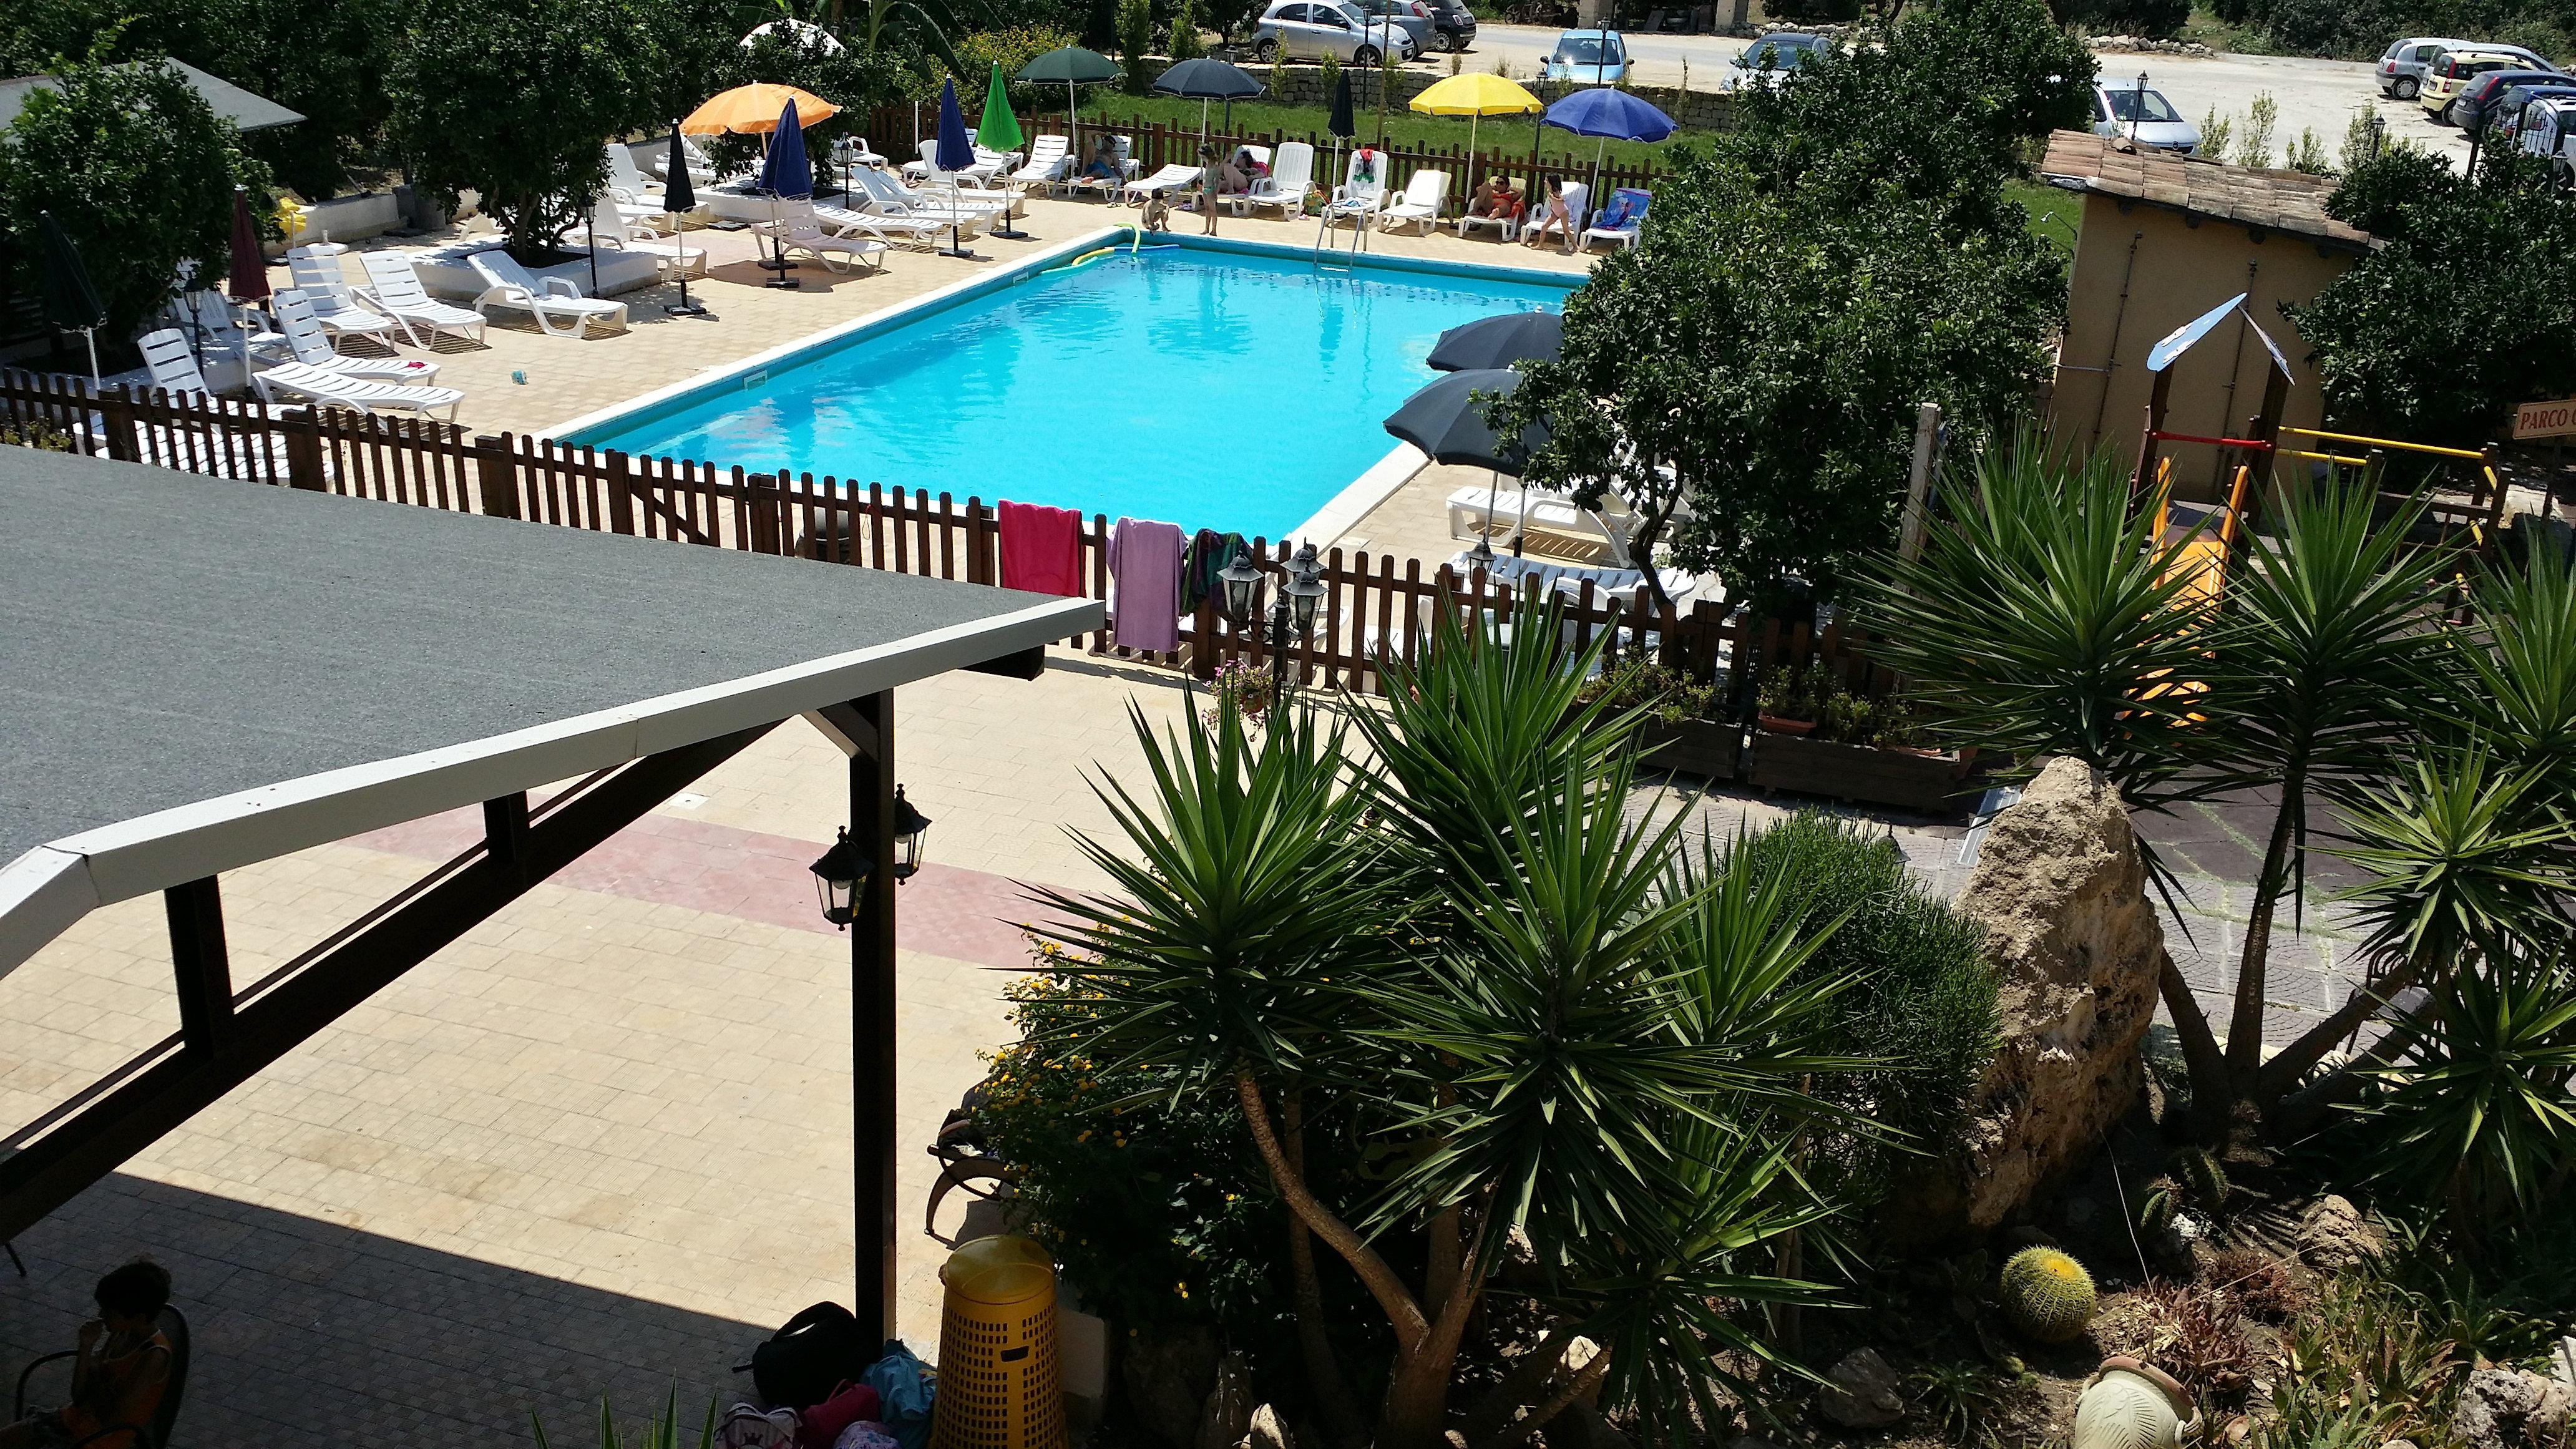 Agriturismo il giardino del sole carlentini siracusa sicilia piscina dall 39 alto - Agriturismo il giardino del sole ...